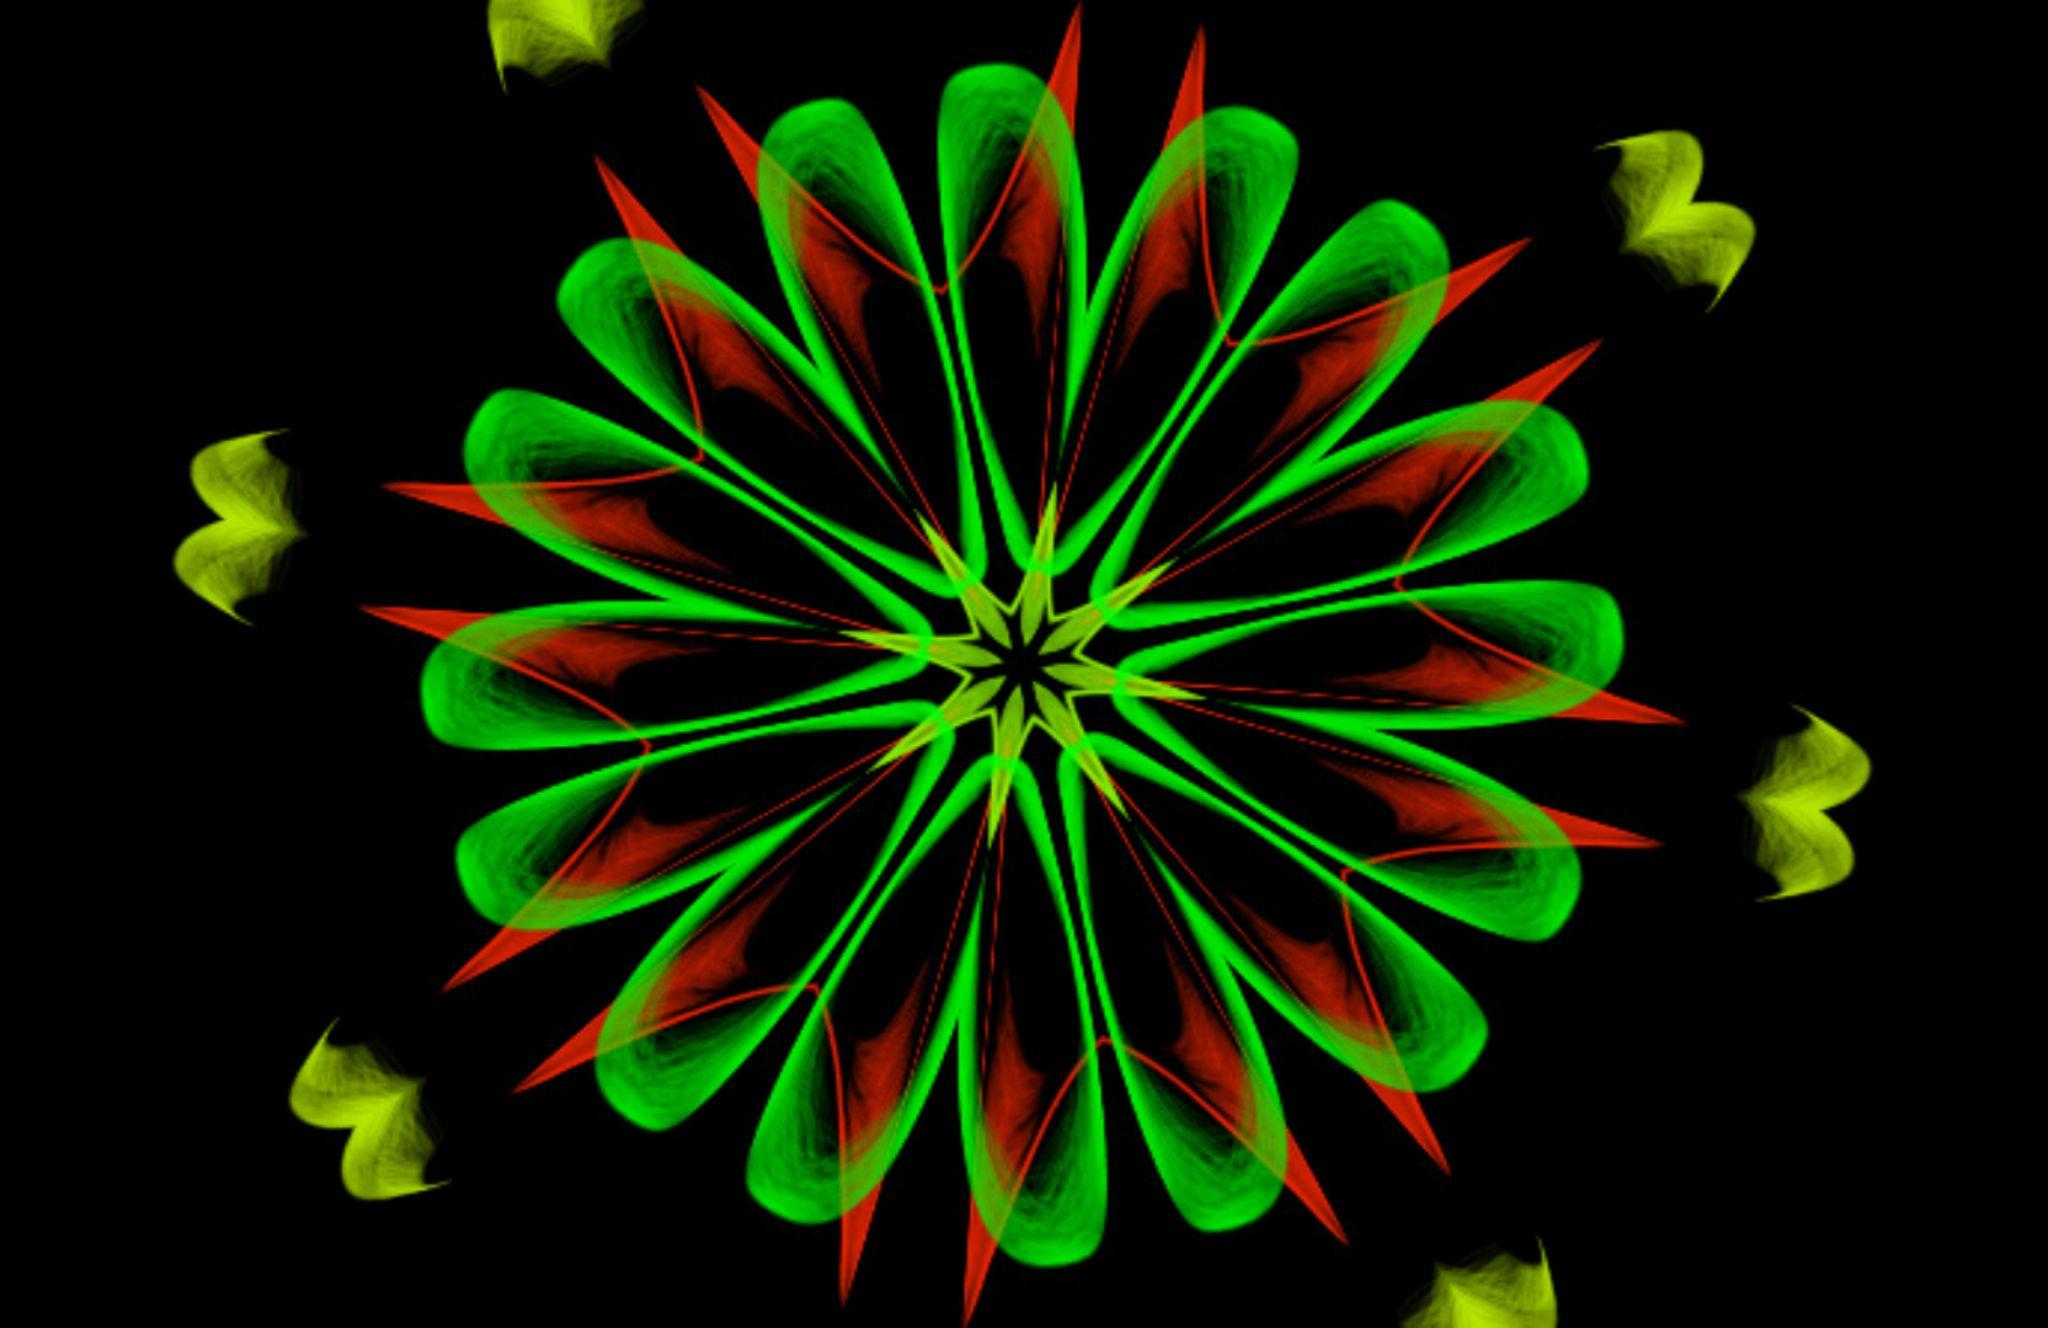 Kaleidoscope by Bill Cronk